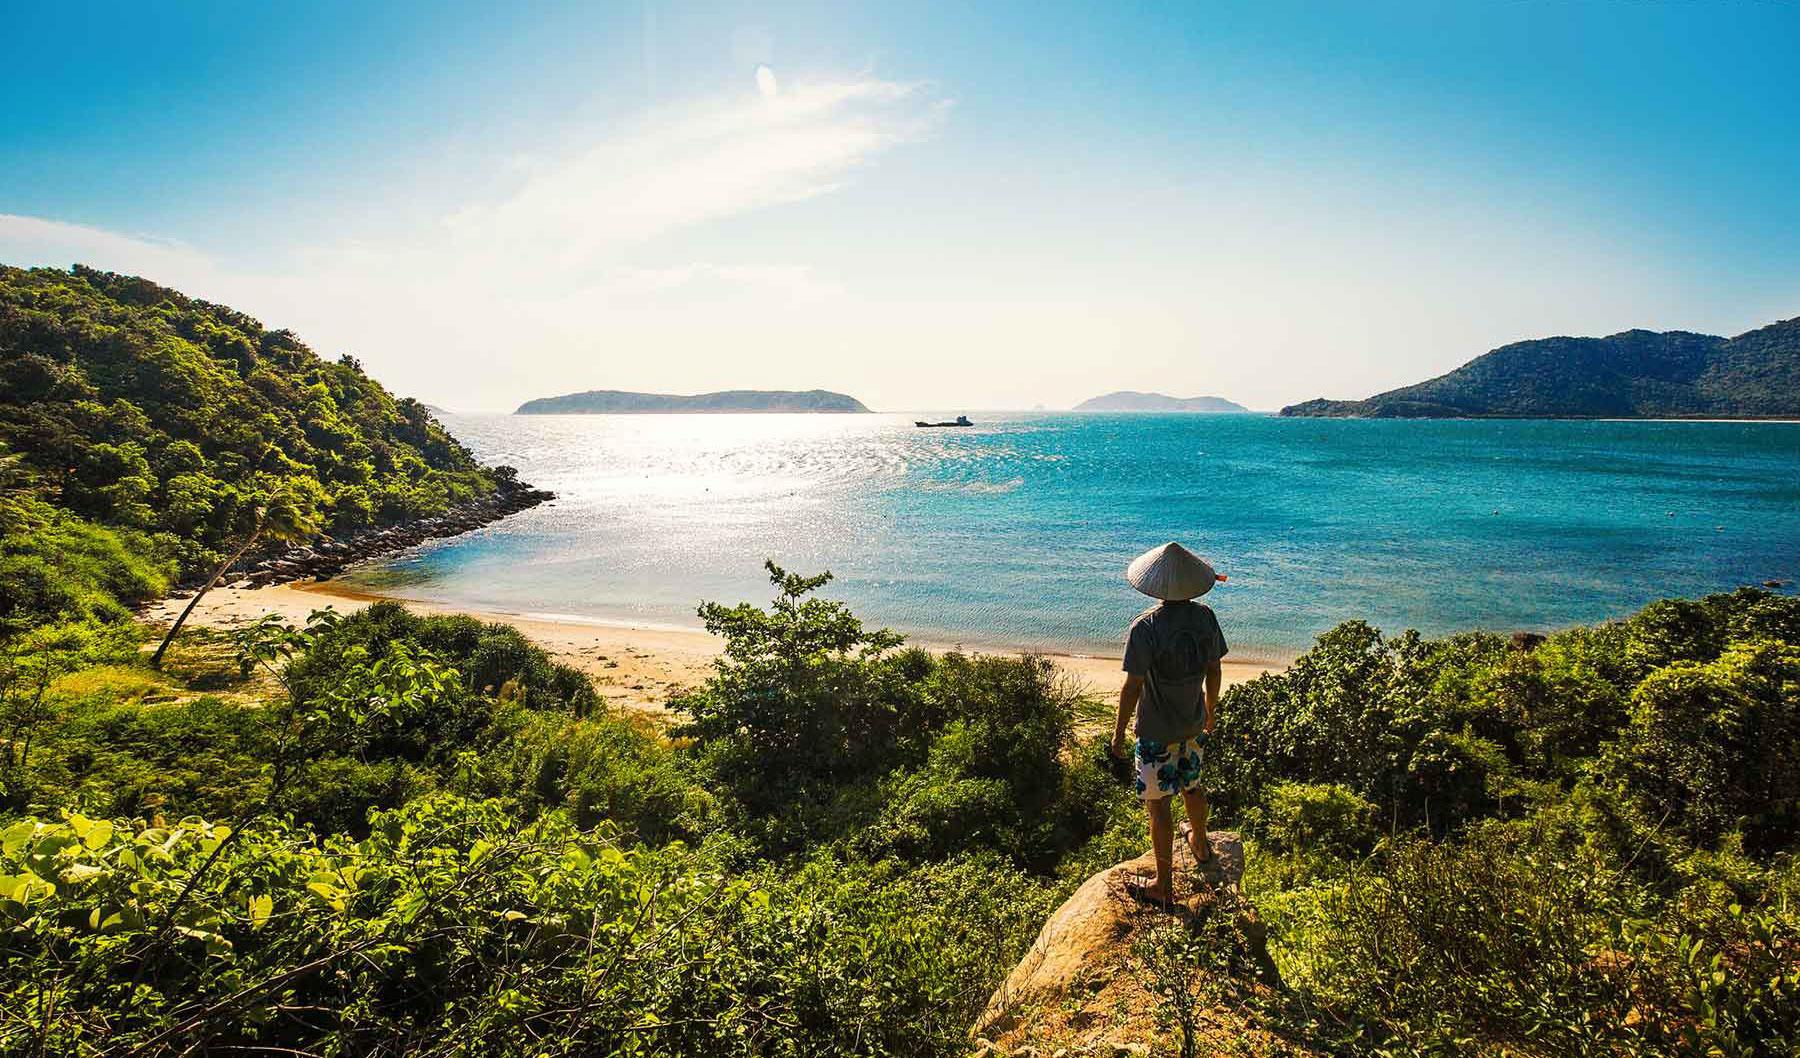 cham island - what to do in da nang